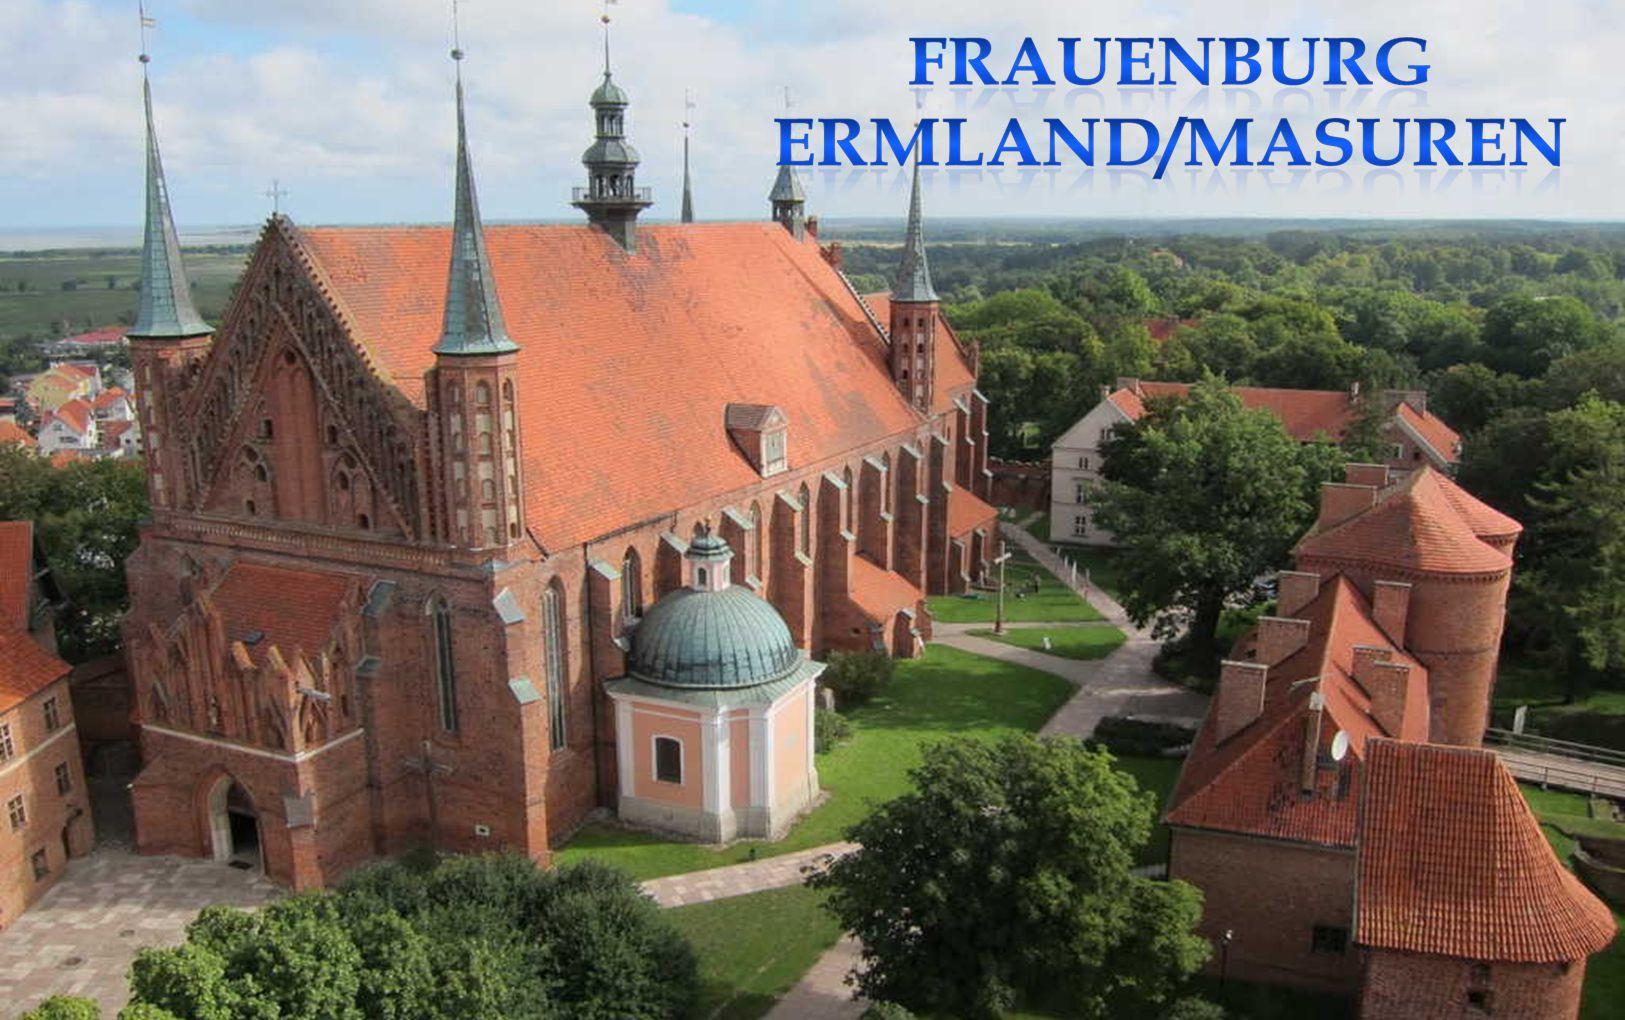 Frauenburg liegt am Frischen Haff. Der Frauenburger Dom entstand im 14